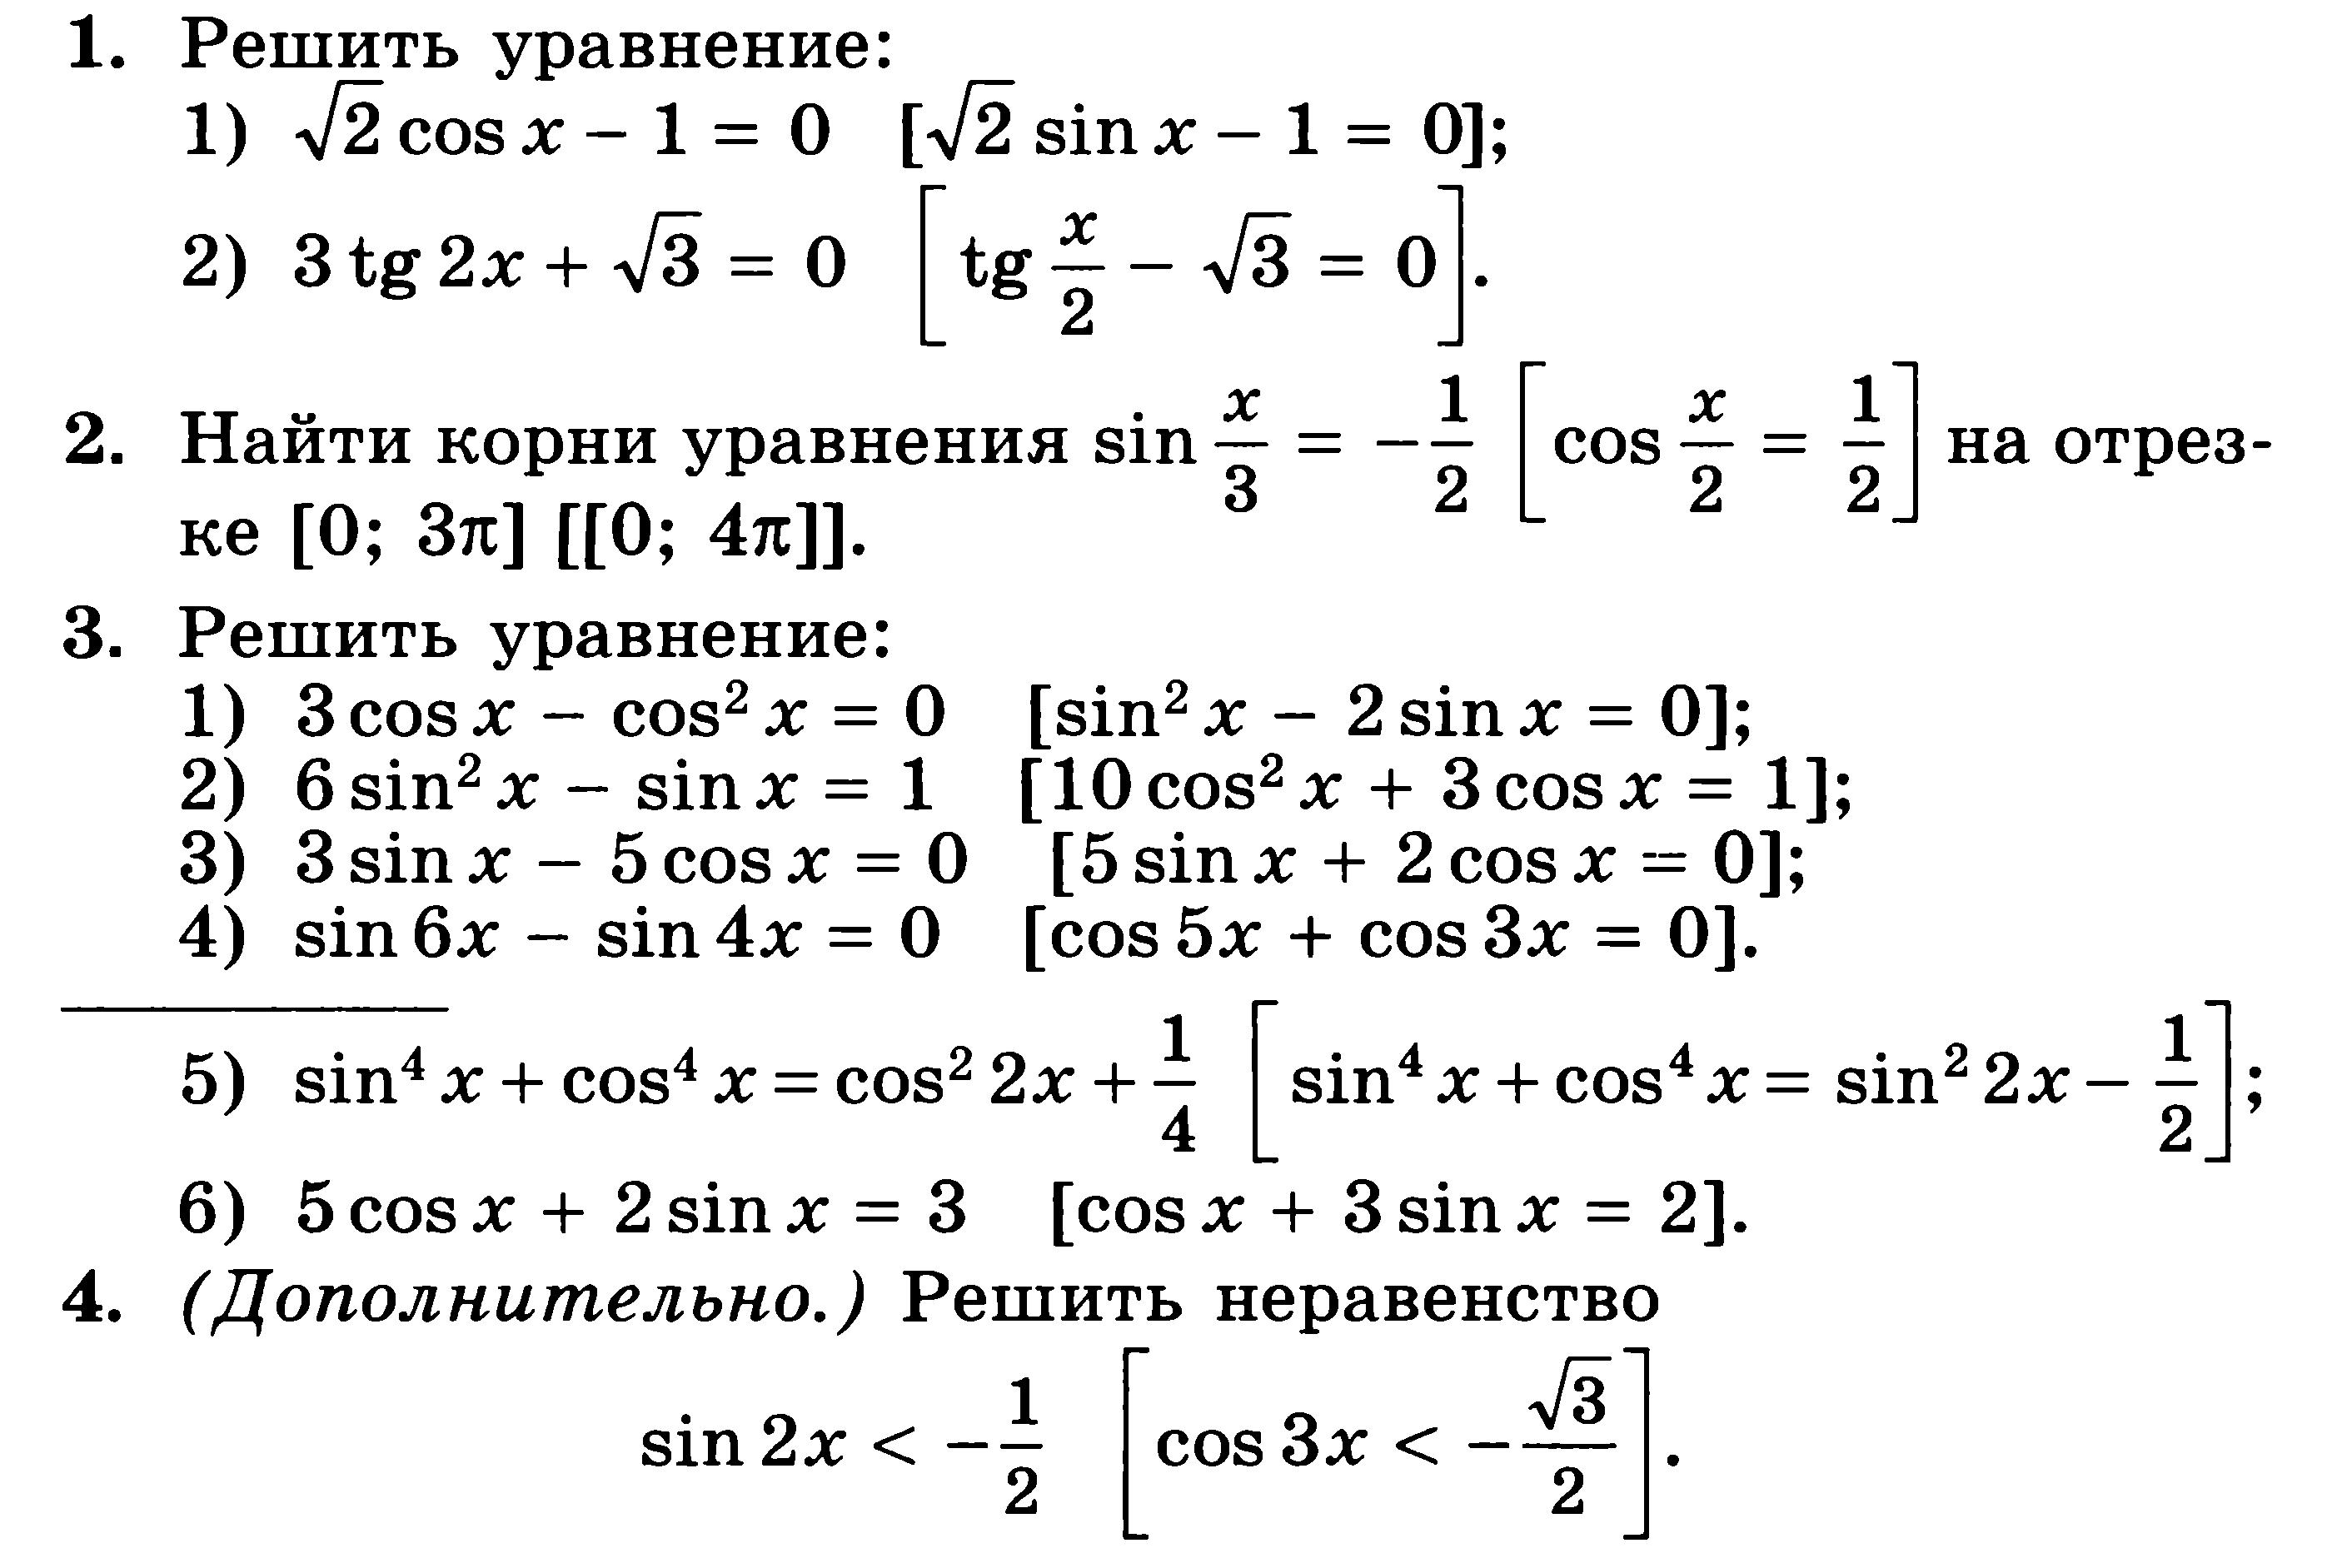 Контрольная работа алгебра 10 делимость чисел 9637